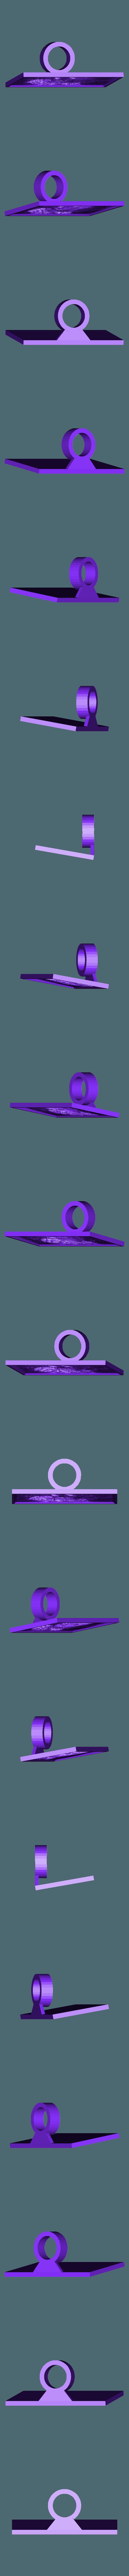 babygroot litho.stl Télécharger fichier STL gratuit Bébé Groot Lithophane • Modèle à imprimer en 3D, Stevejawel